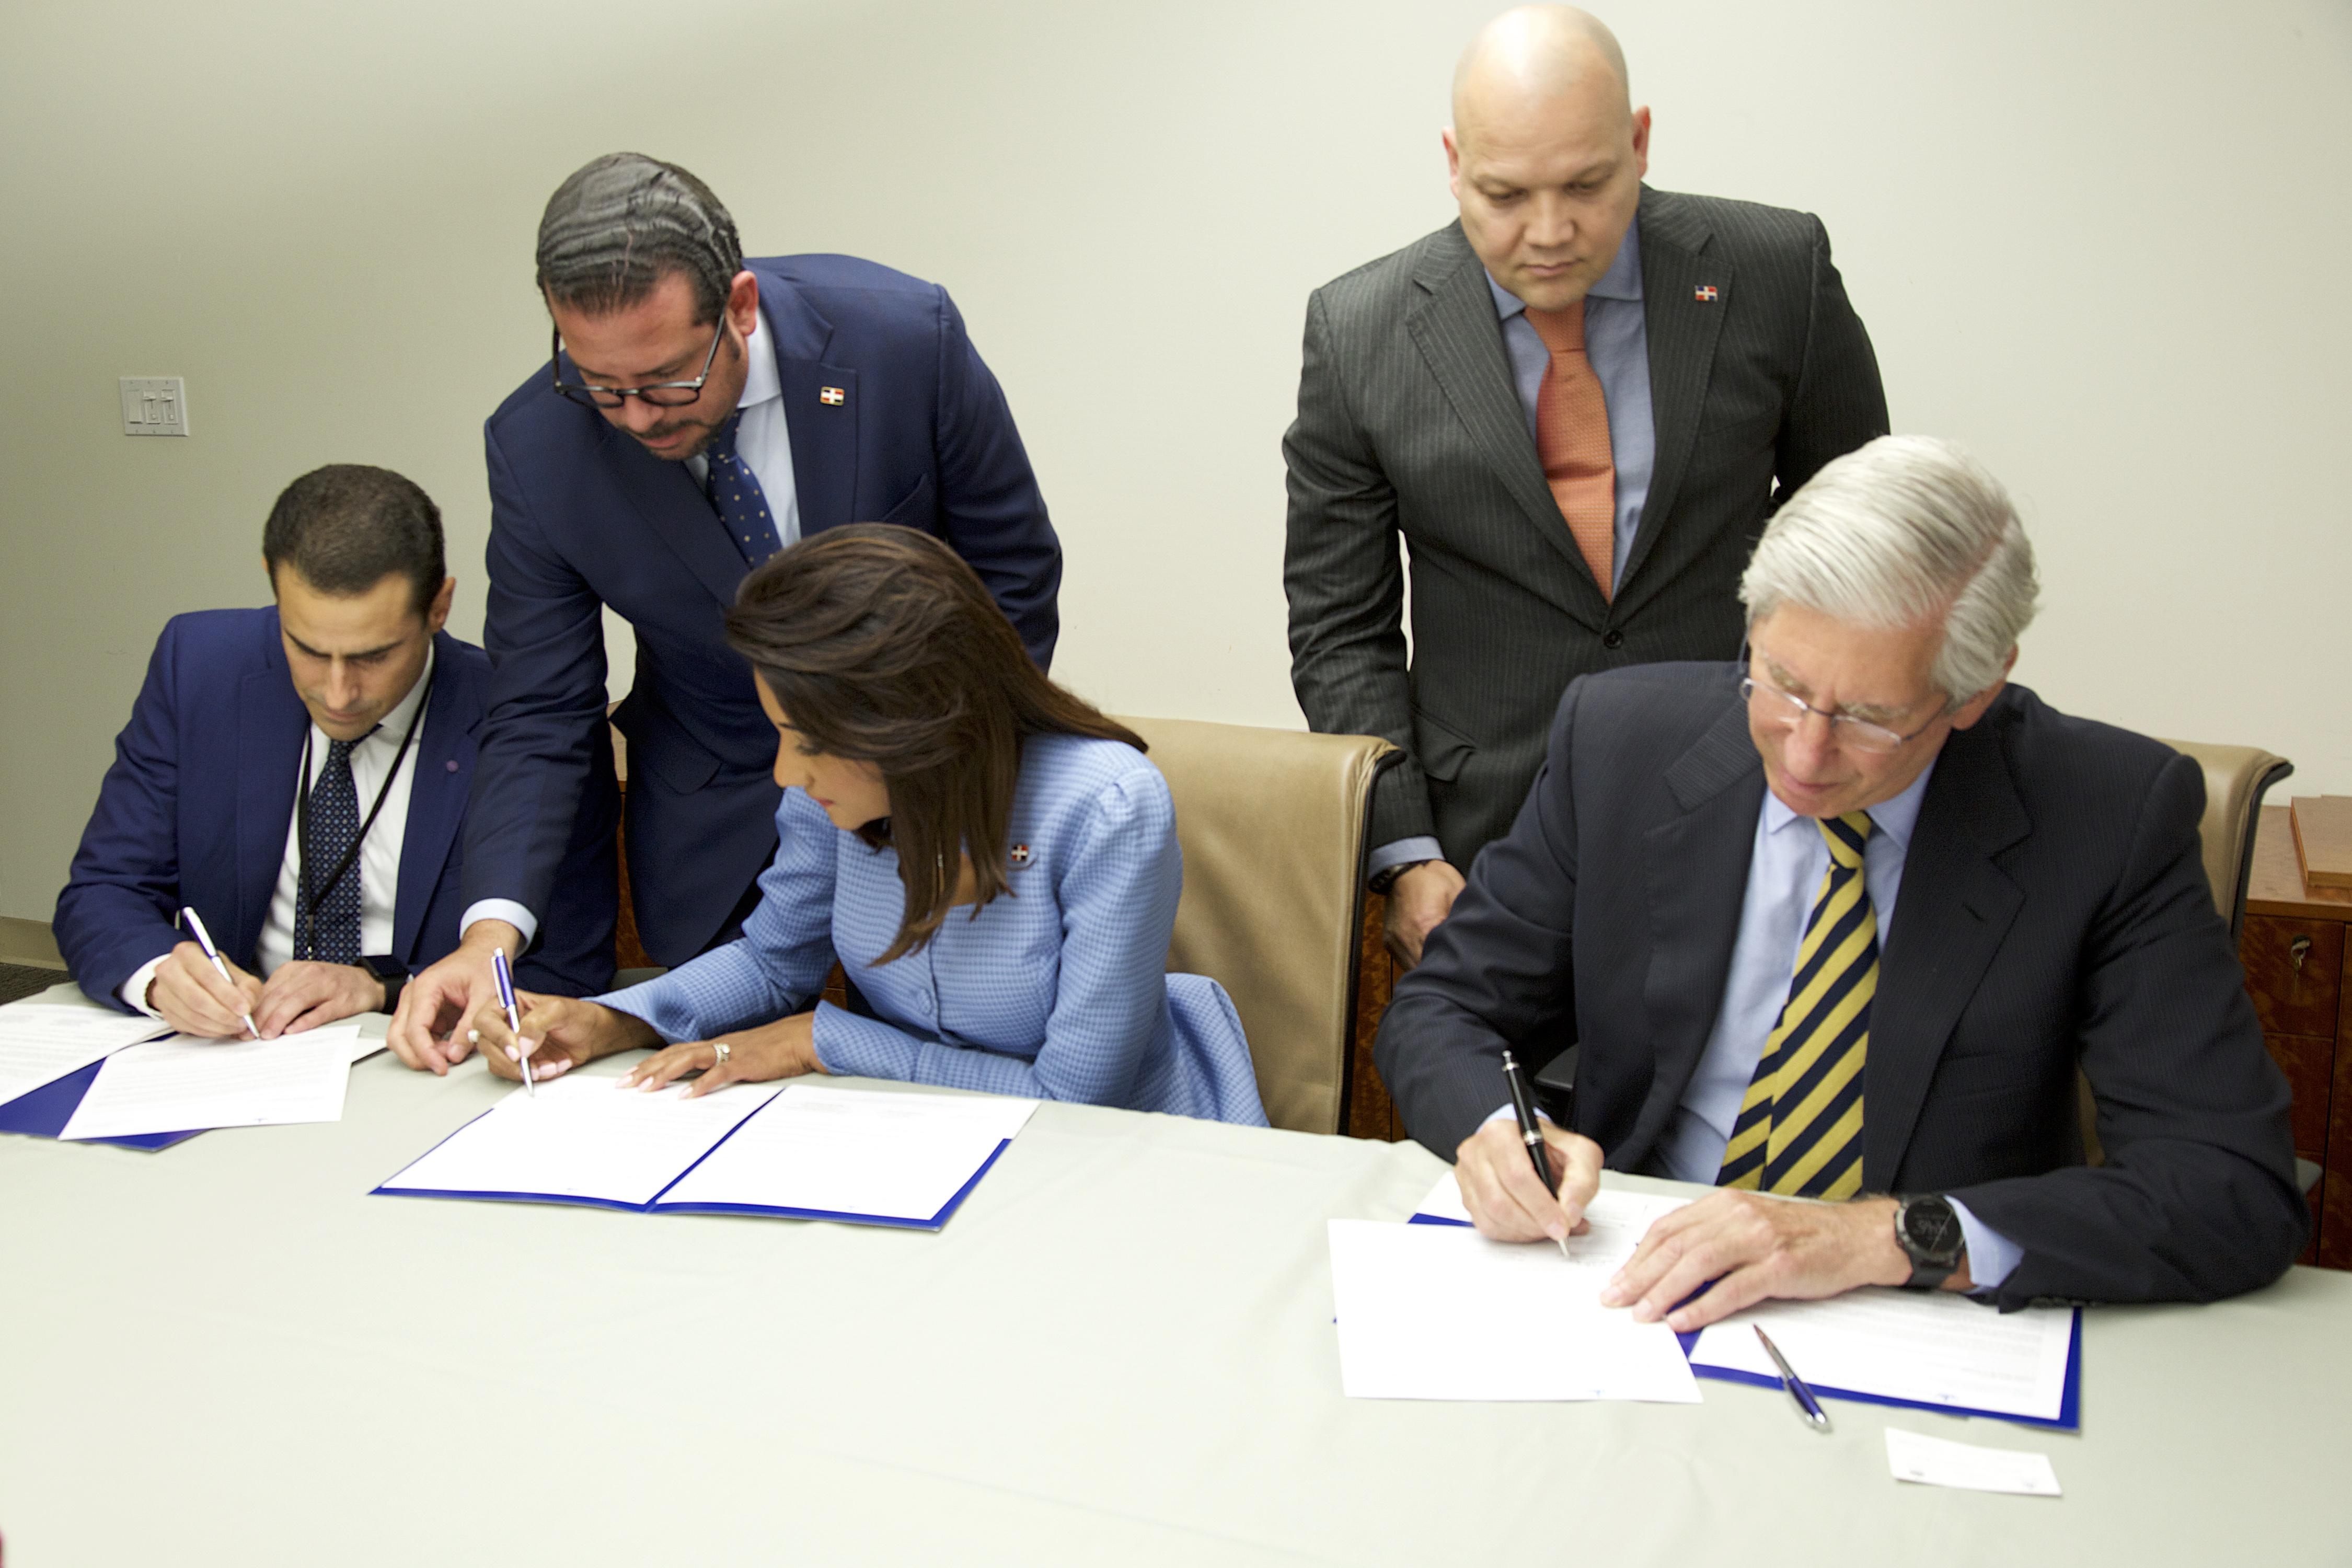 Universidad de Columbia apoyará al CAID con asistencia técnica